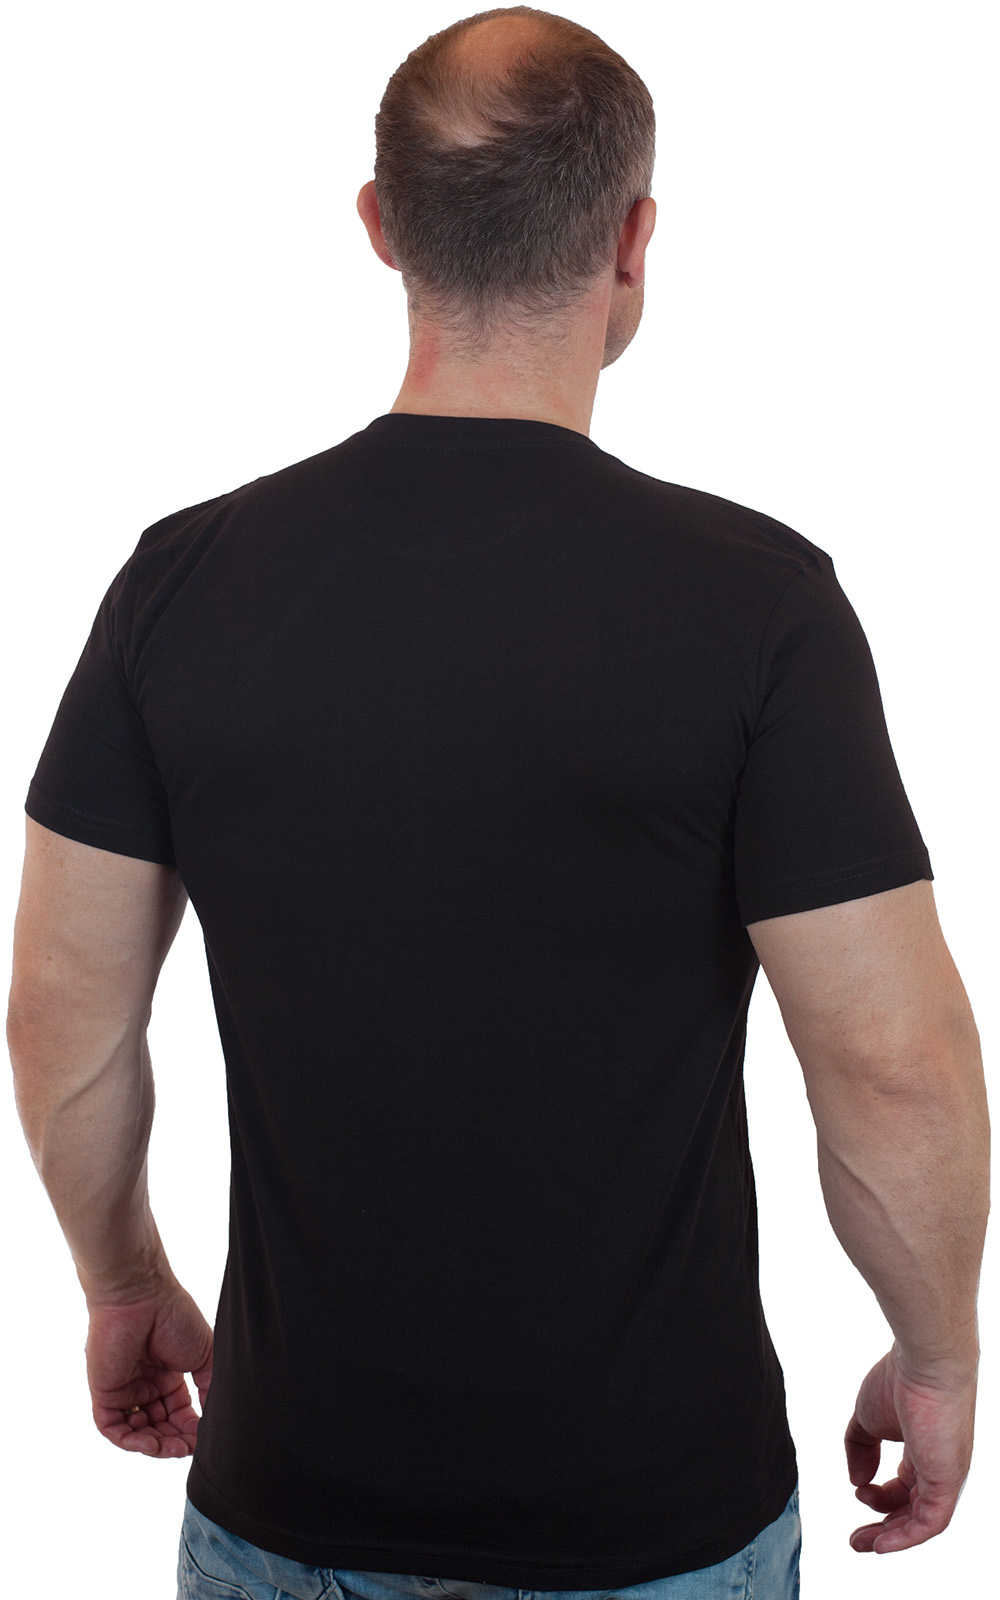 Строгая черная футболка с вышитой эмблемой 7гв. ВДД - купить с доставкой